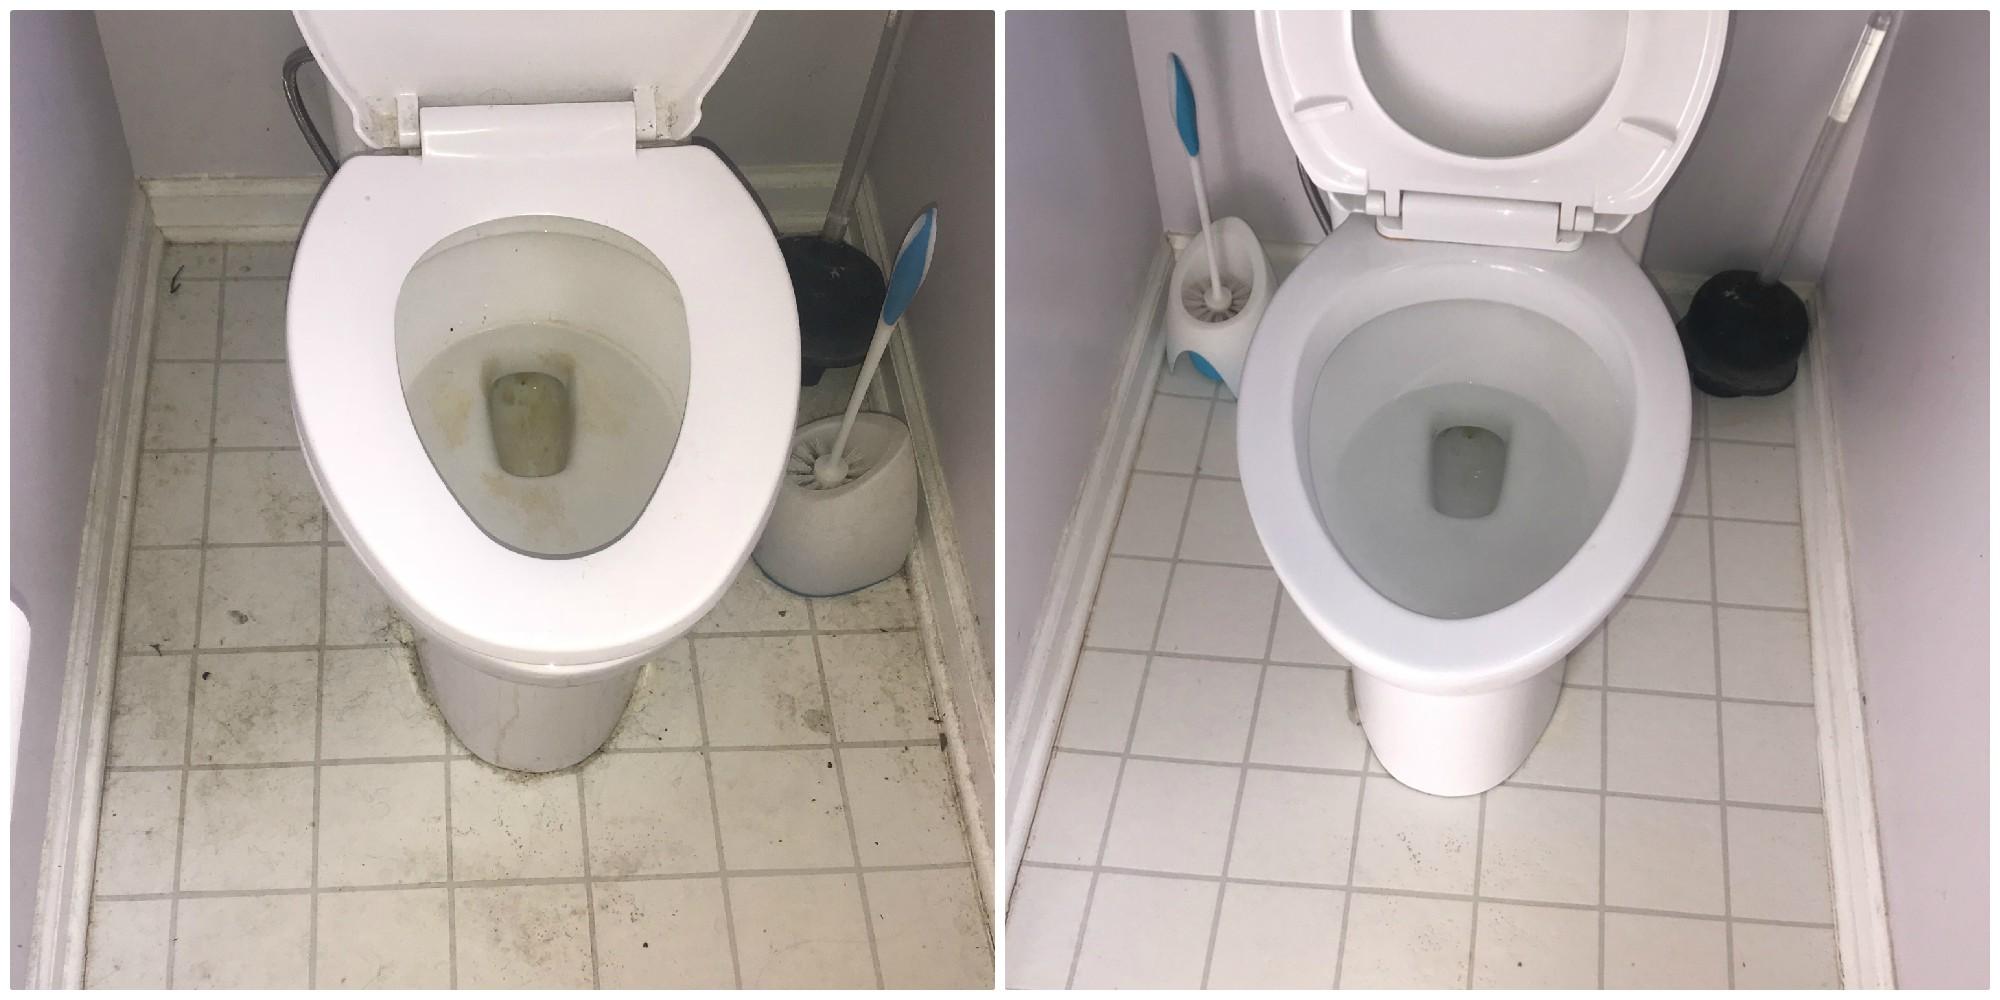 Bathroom Floor B4 & after.jpg